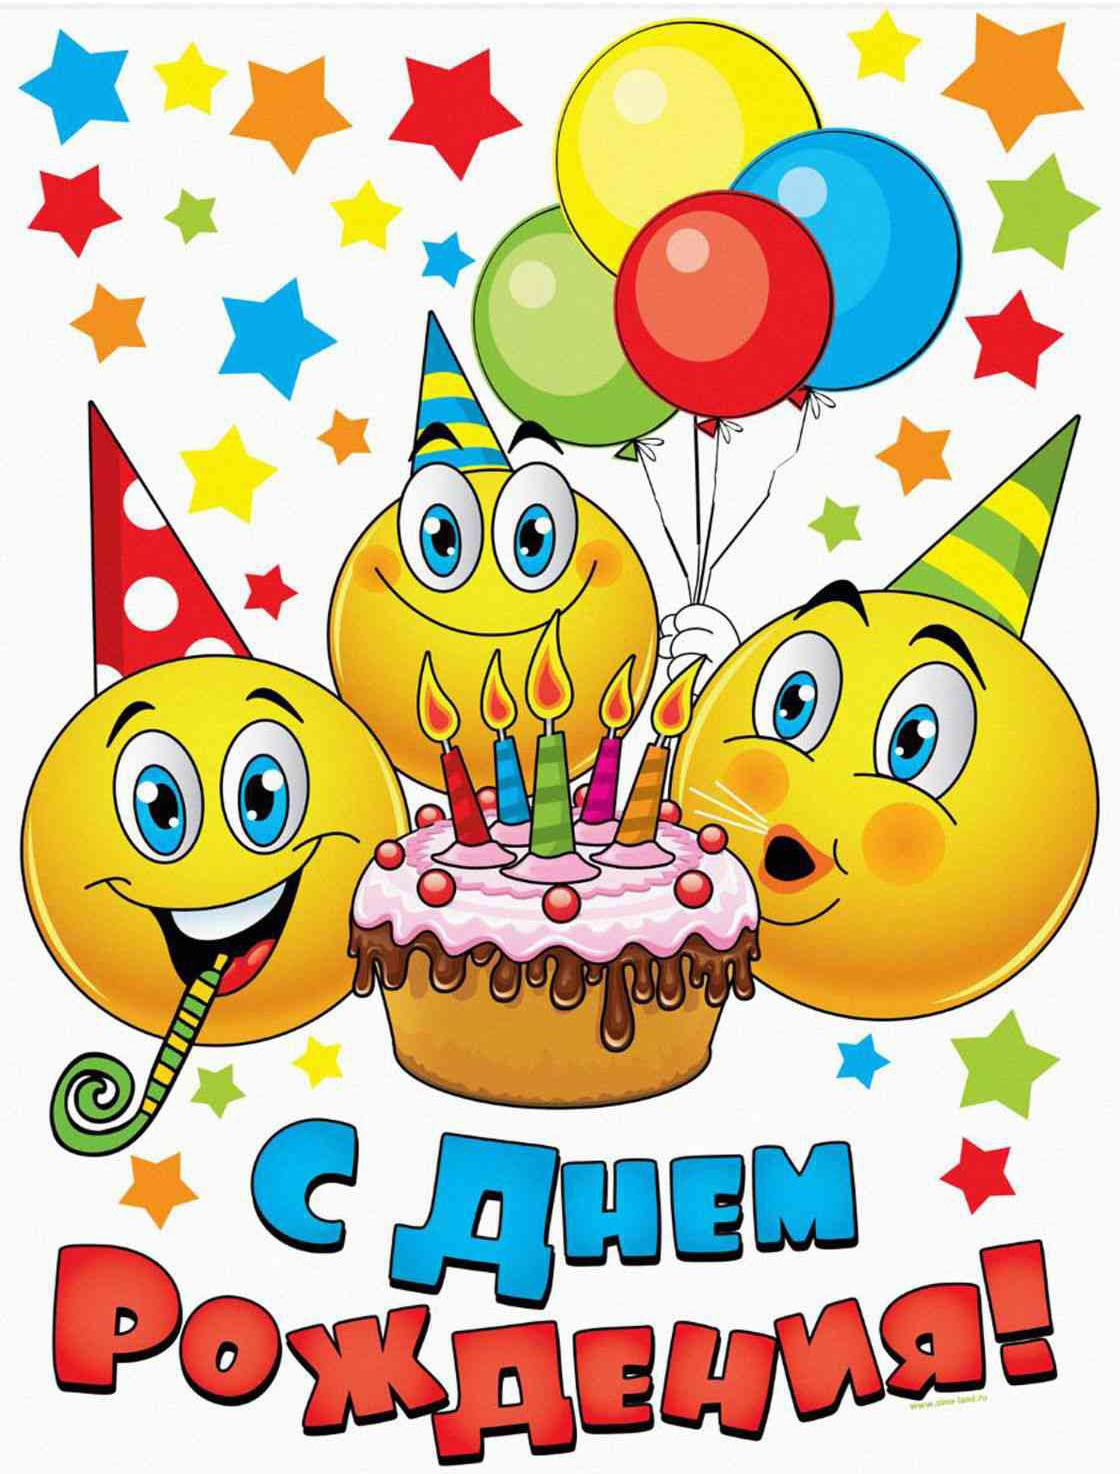 Открытки с днем рождения мальчику на мобильный телефон, февраля открытки